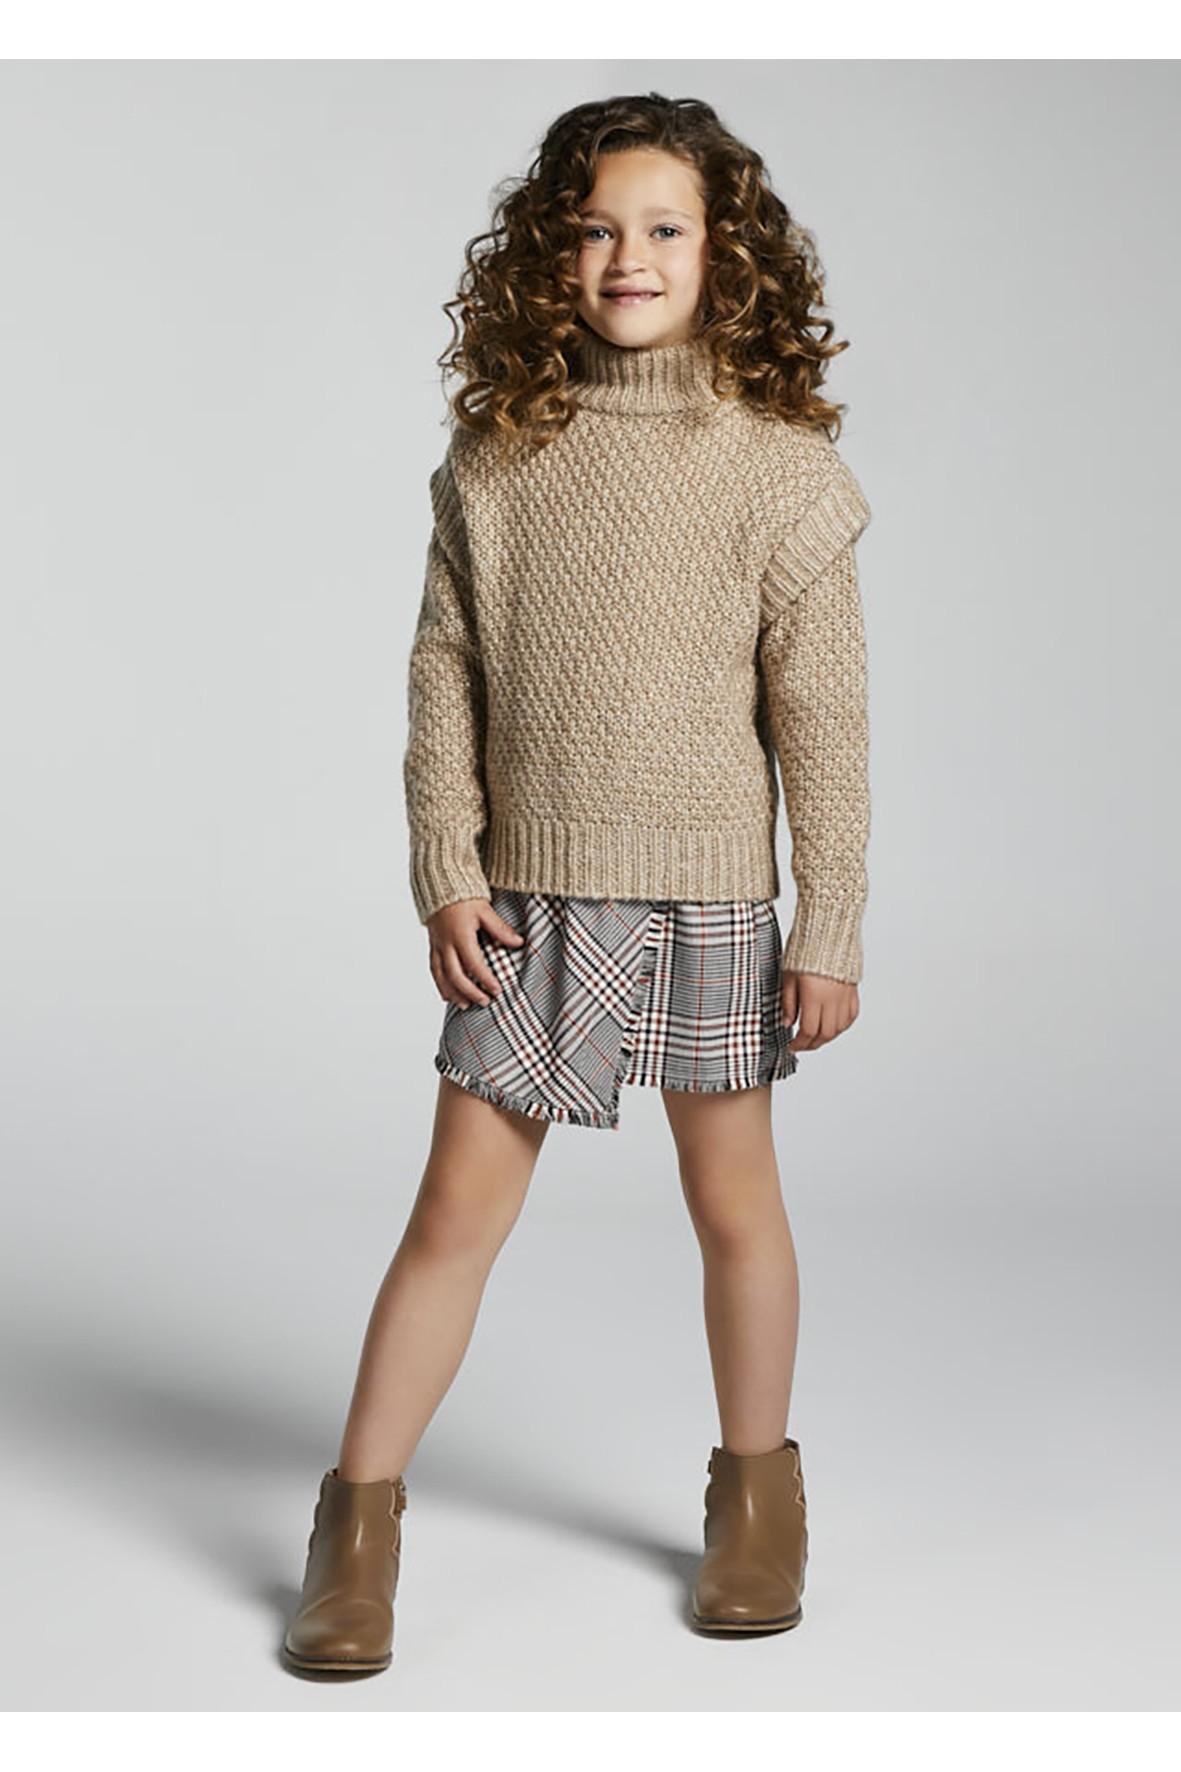 Komplet dziewczęcy - sukienka w kratkę i brązowy sweter